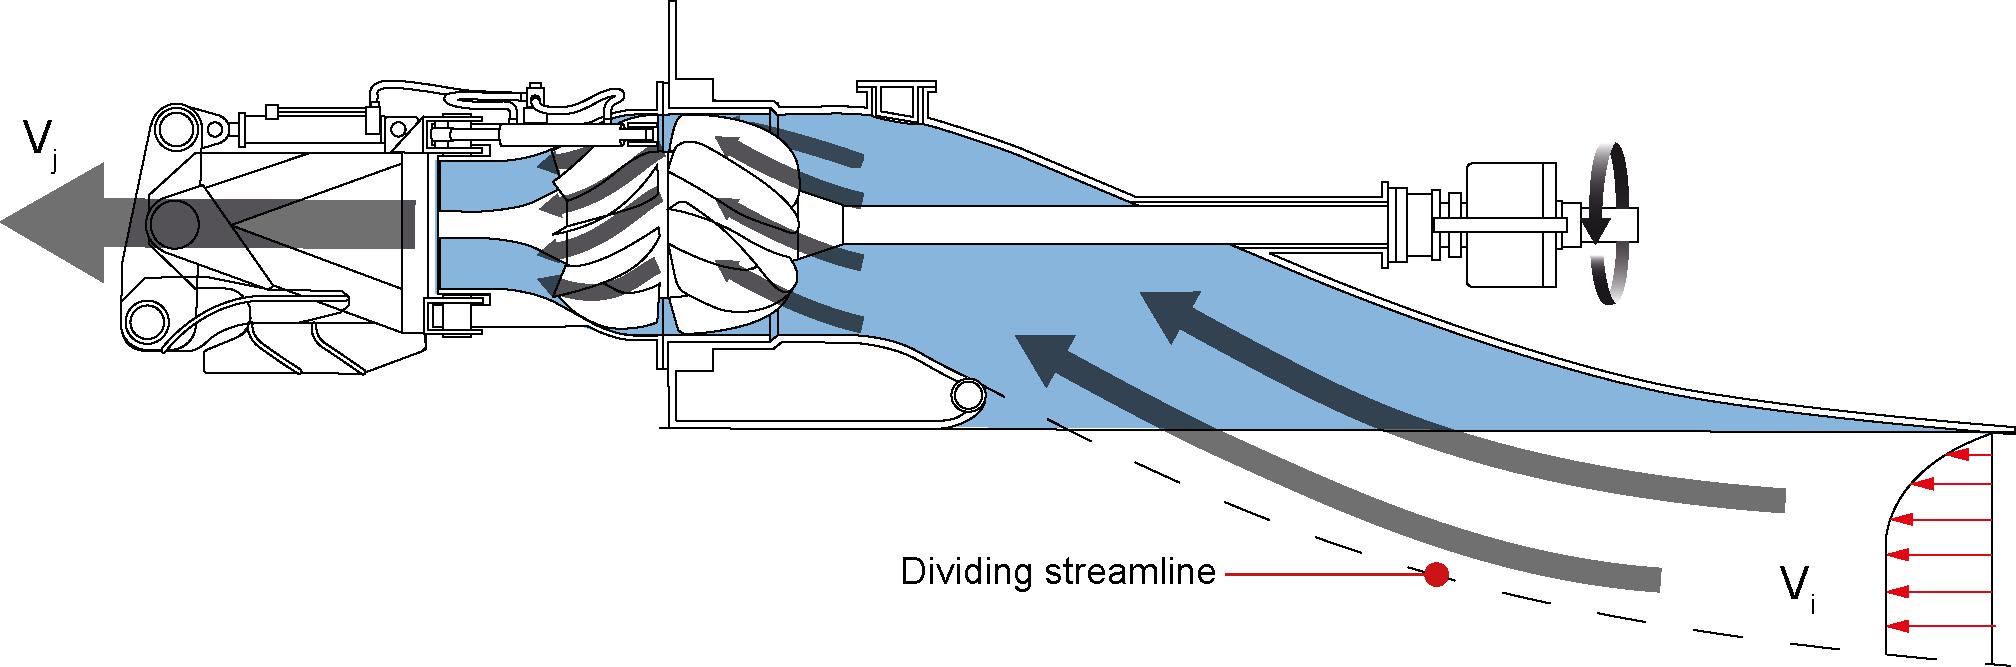 Modular waterjets principle 2